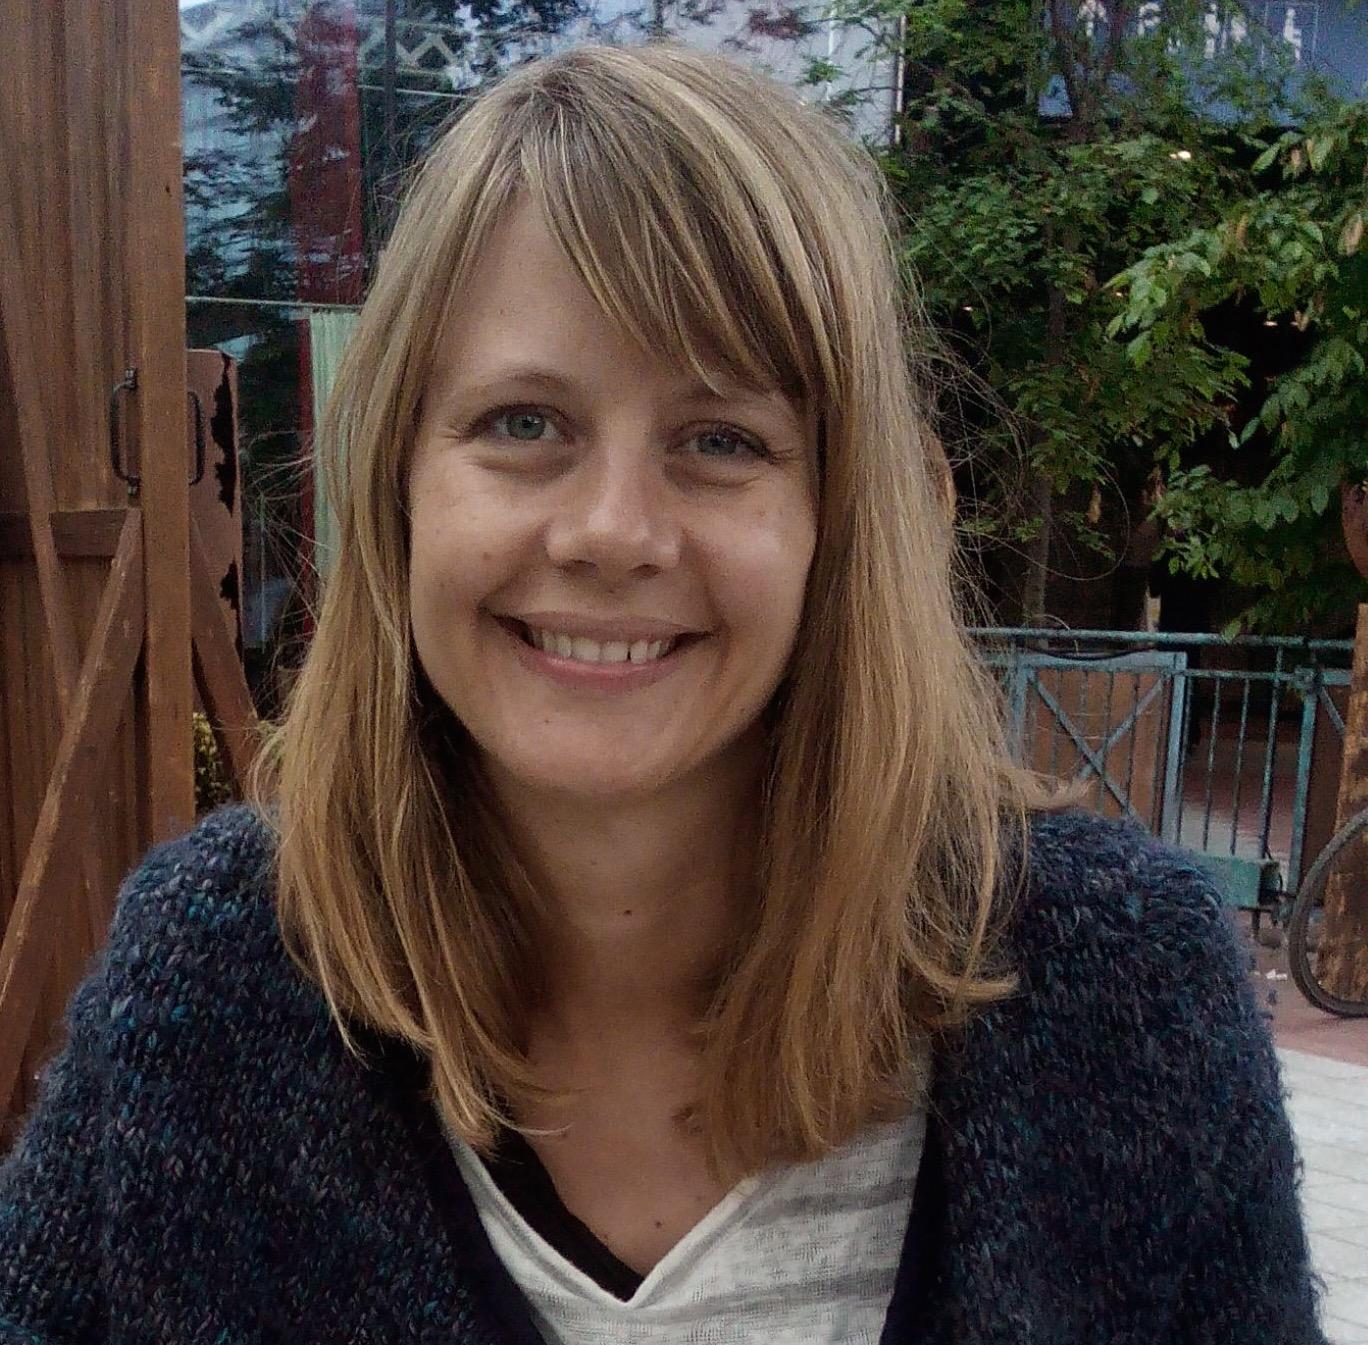 Angela Greulich Gender Debate